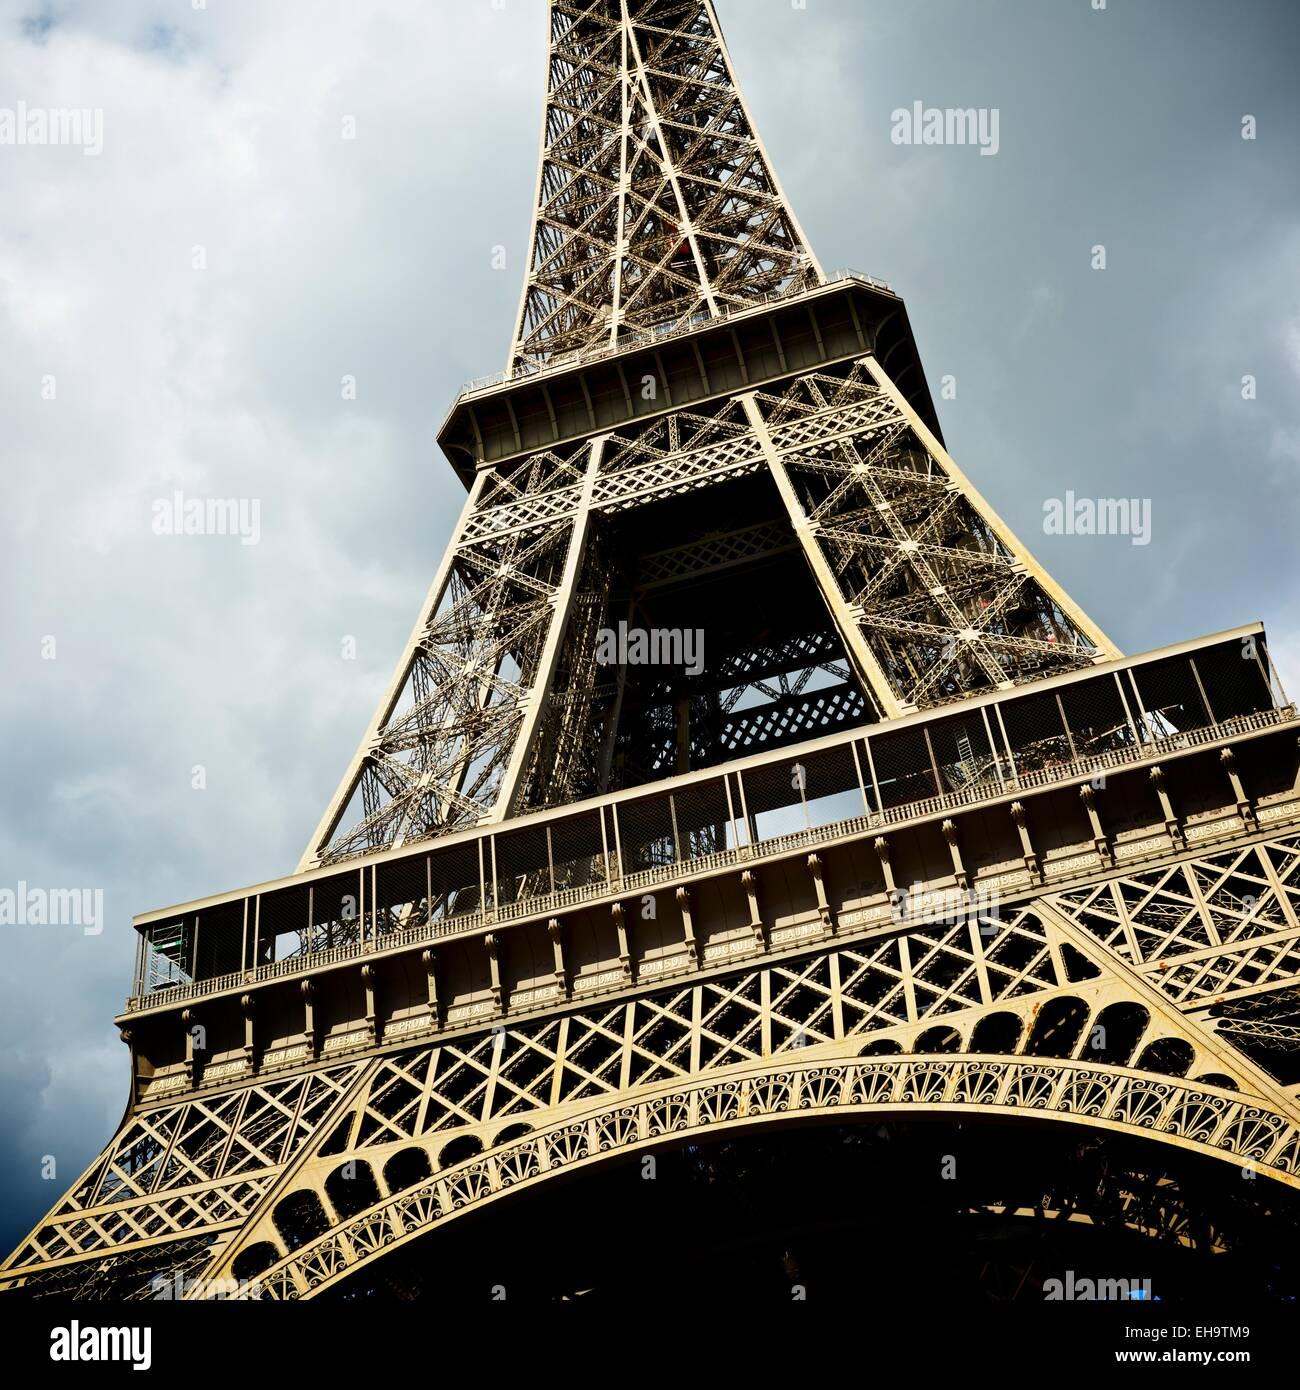 Erfreut Draht Eiffelturm Statue Bilder - Elektrische Schaltplan ...